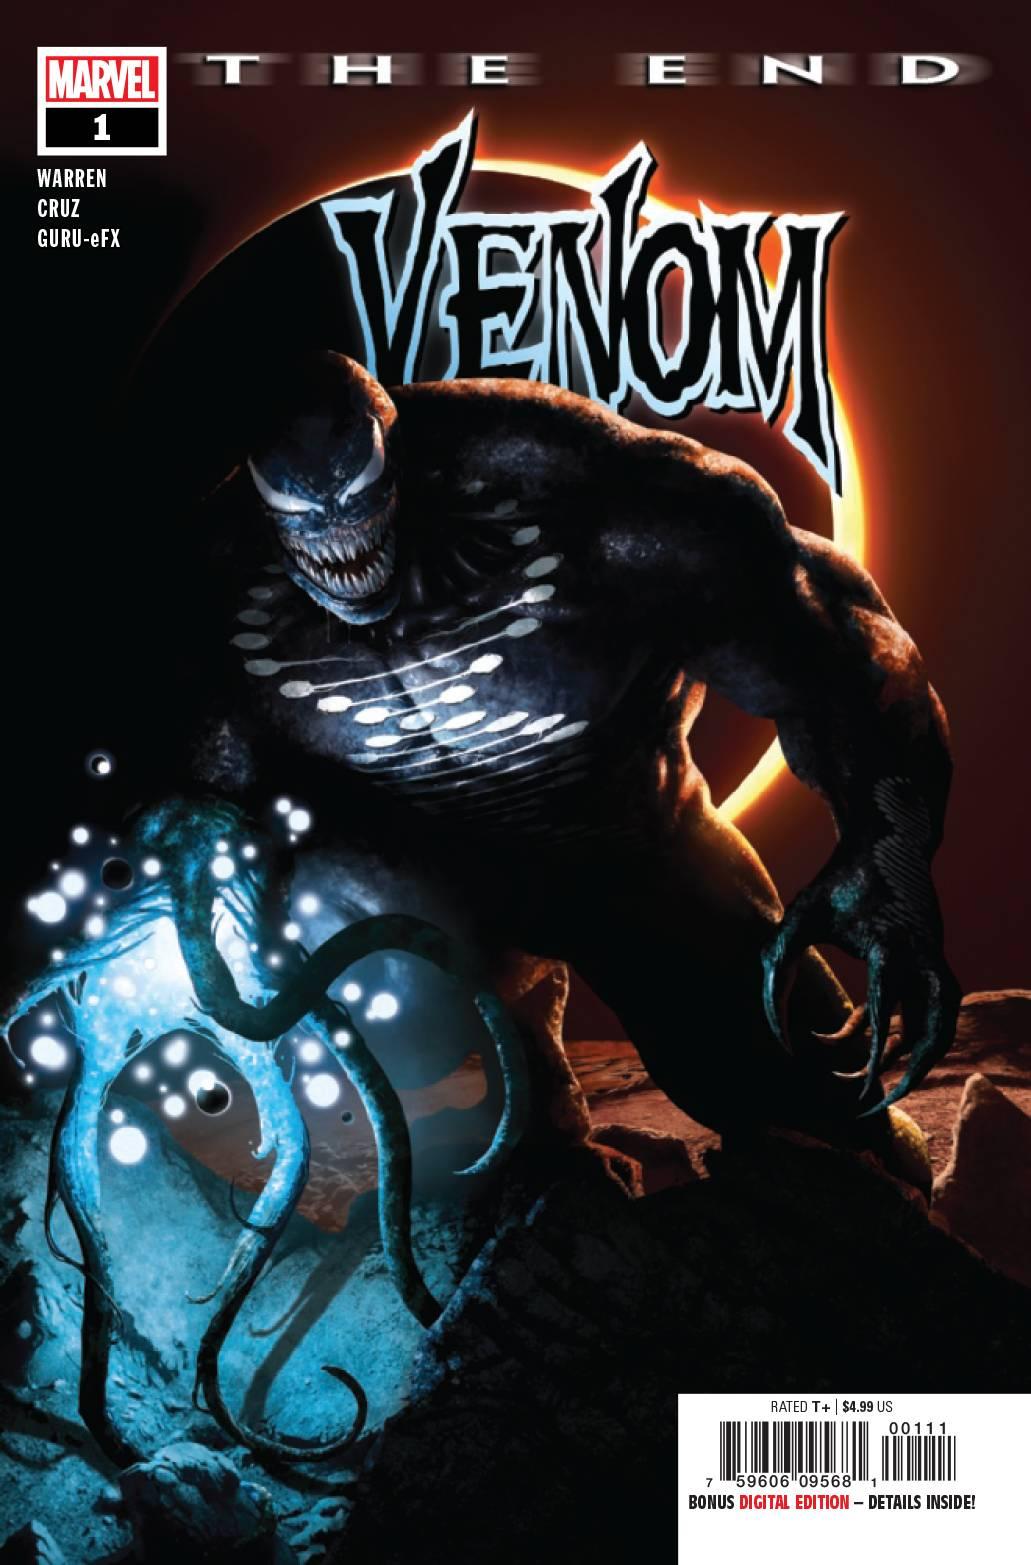 Venom: The End #1